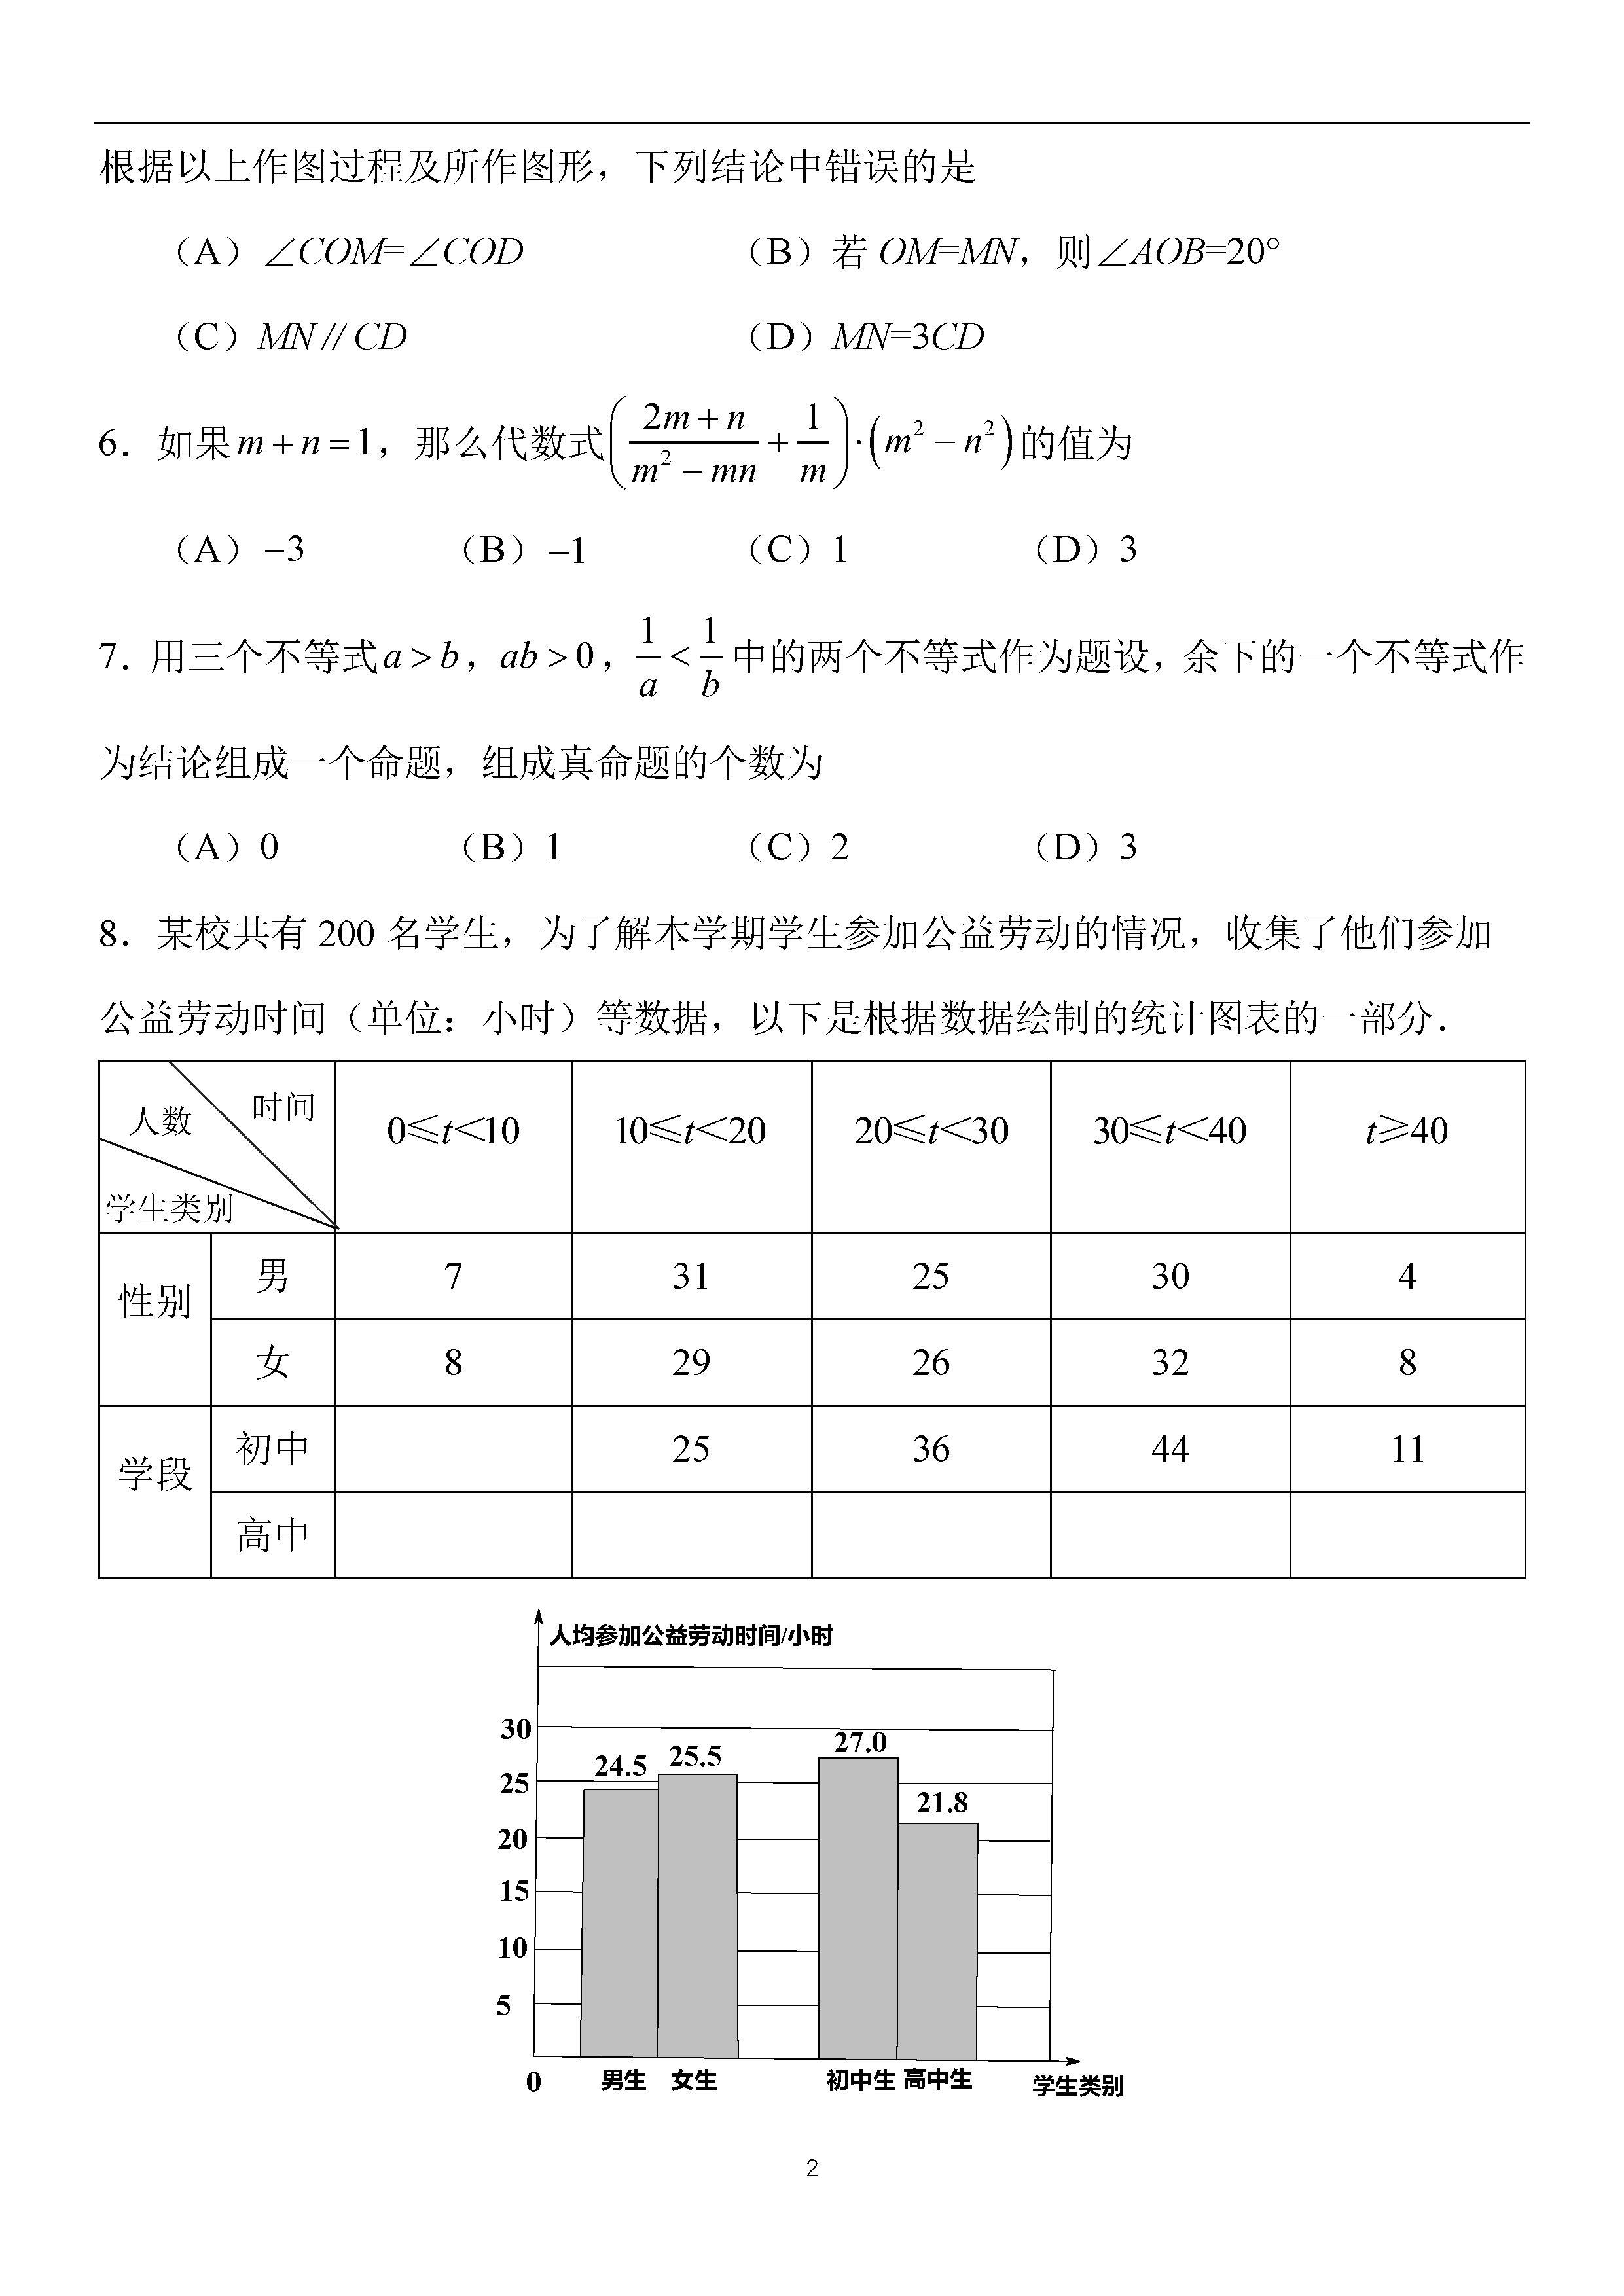 2019年北京中考数学真题及答案已公布